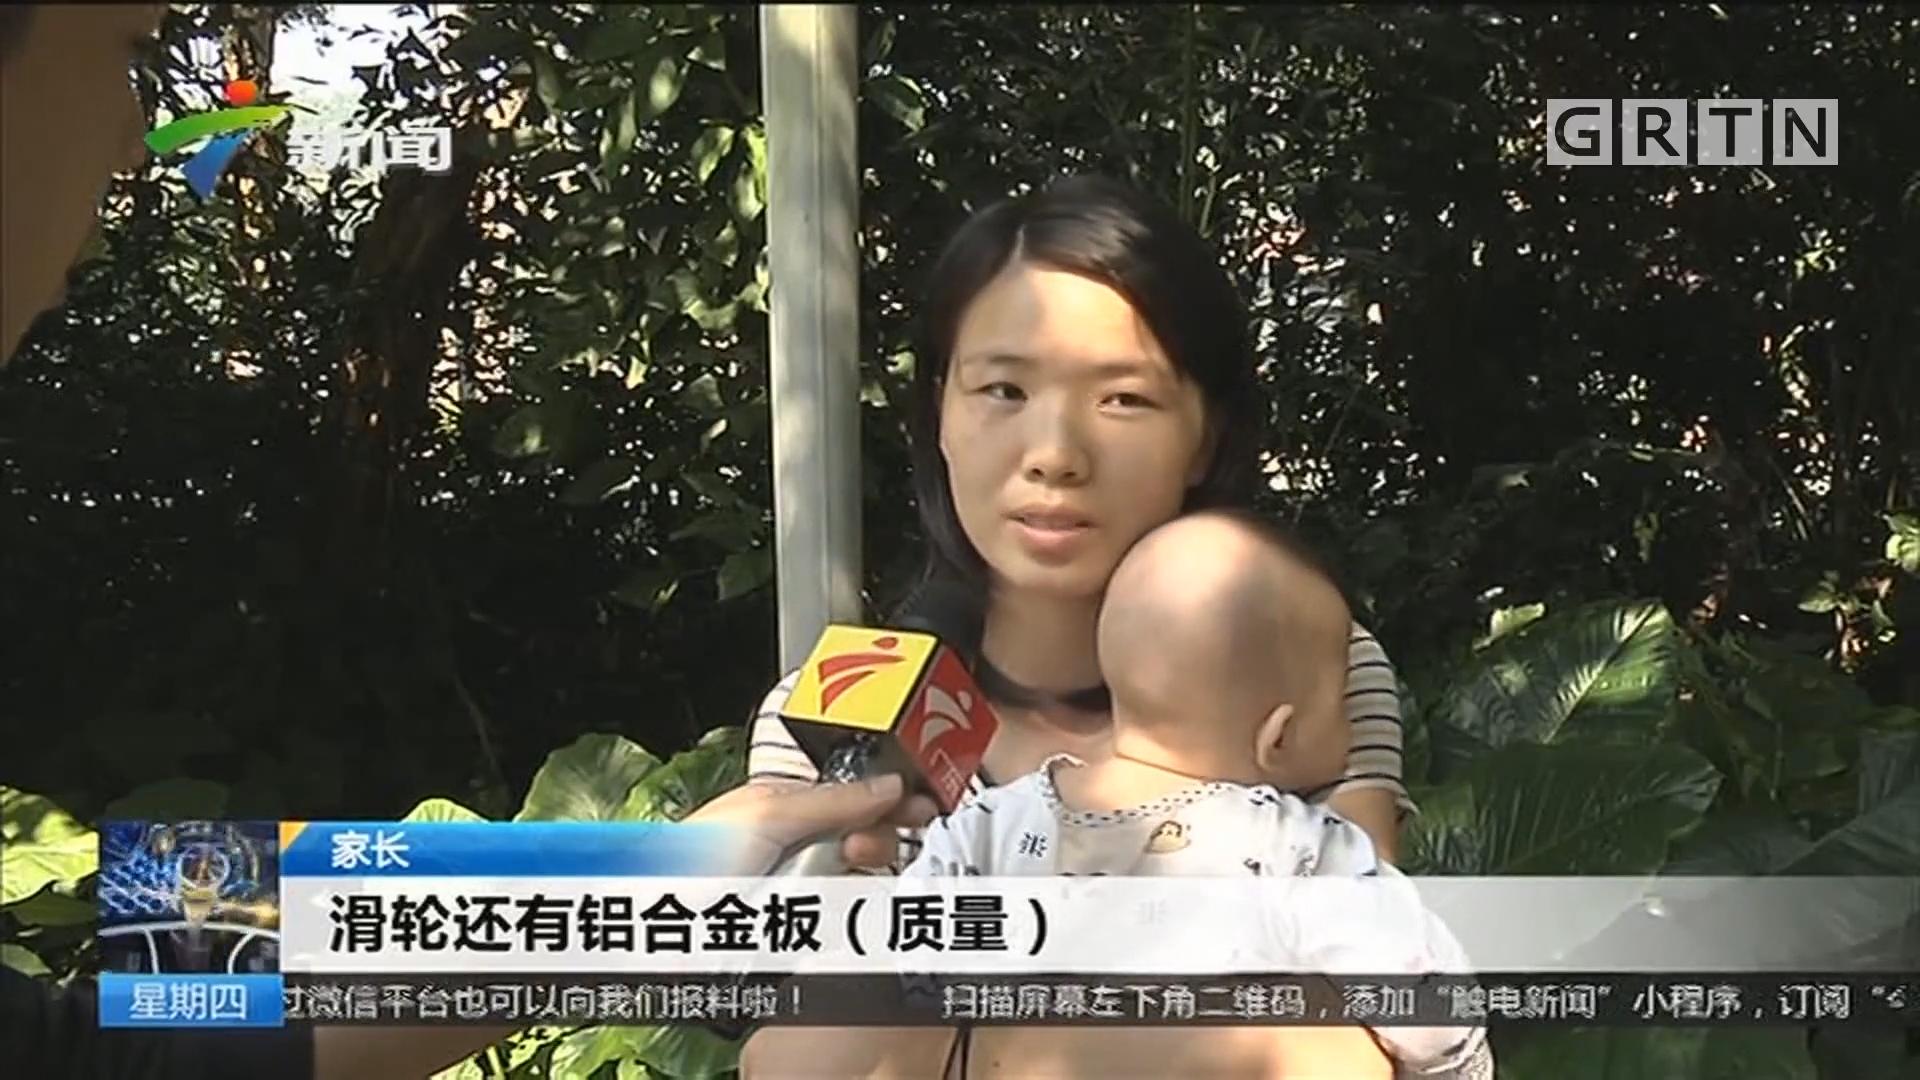 儿童安全:儿童滑板车种类多难选择?广州市消委会给你支招